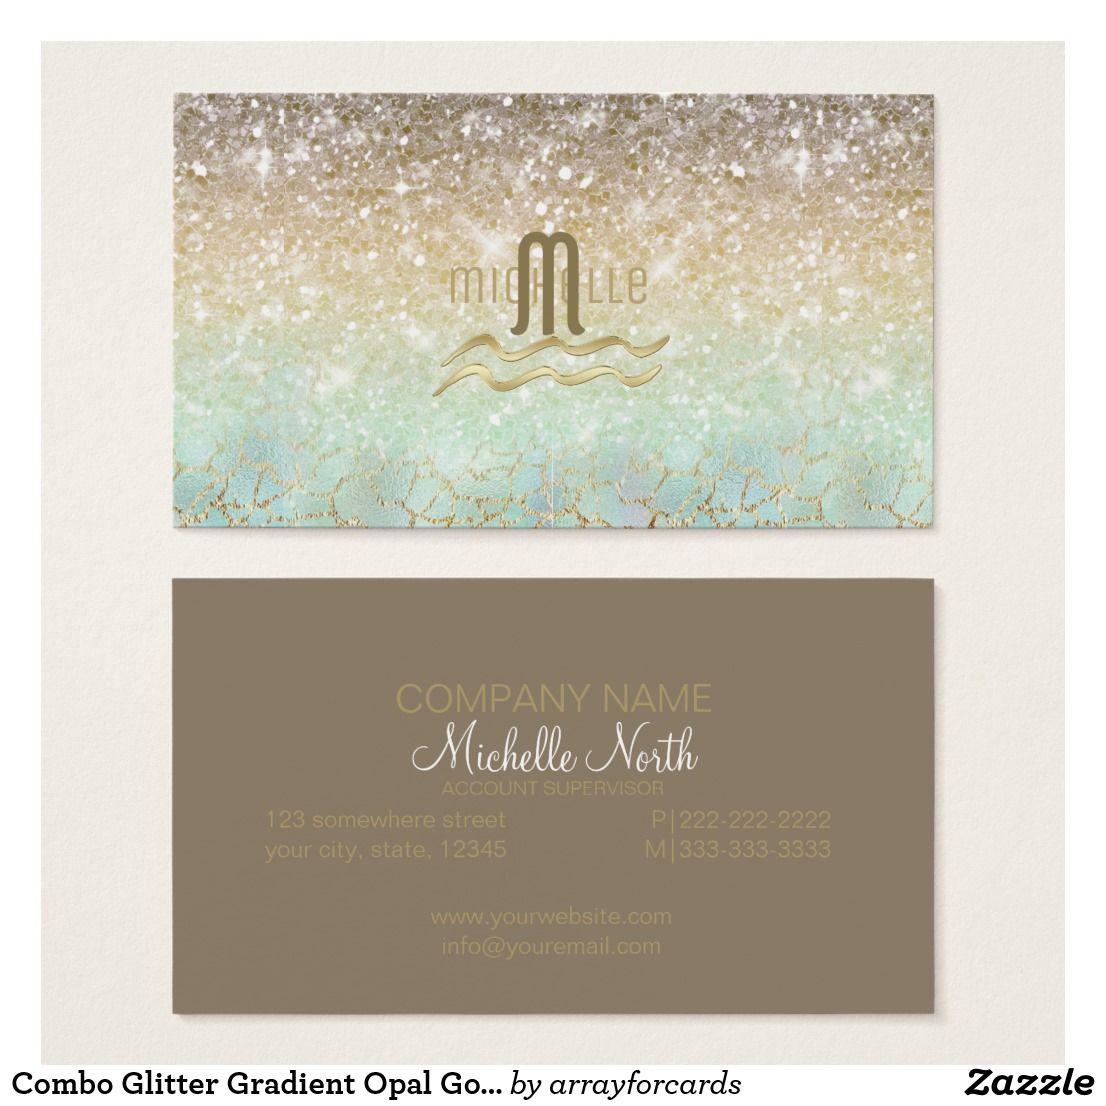 Combo Glitter Gradient Opal Gold Business Card A sparkling glitter ...